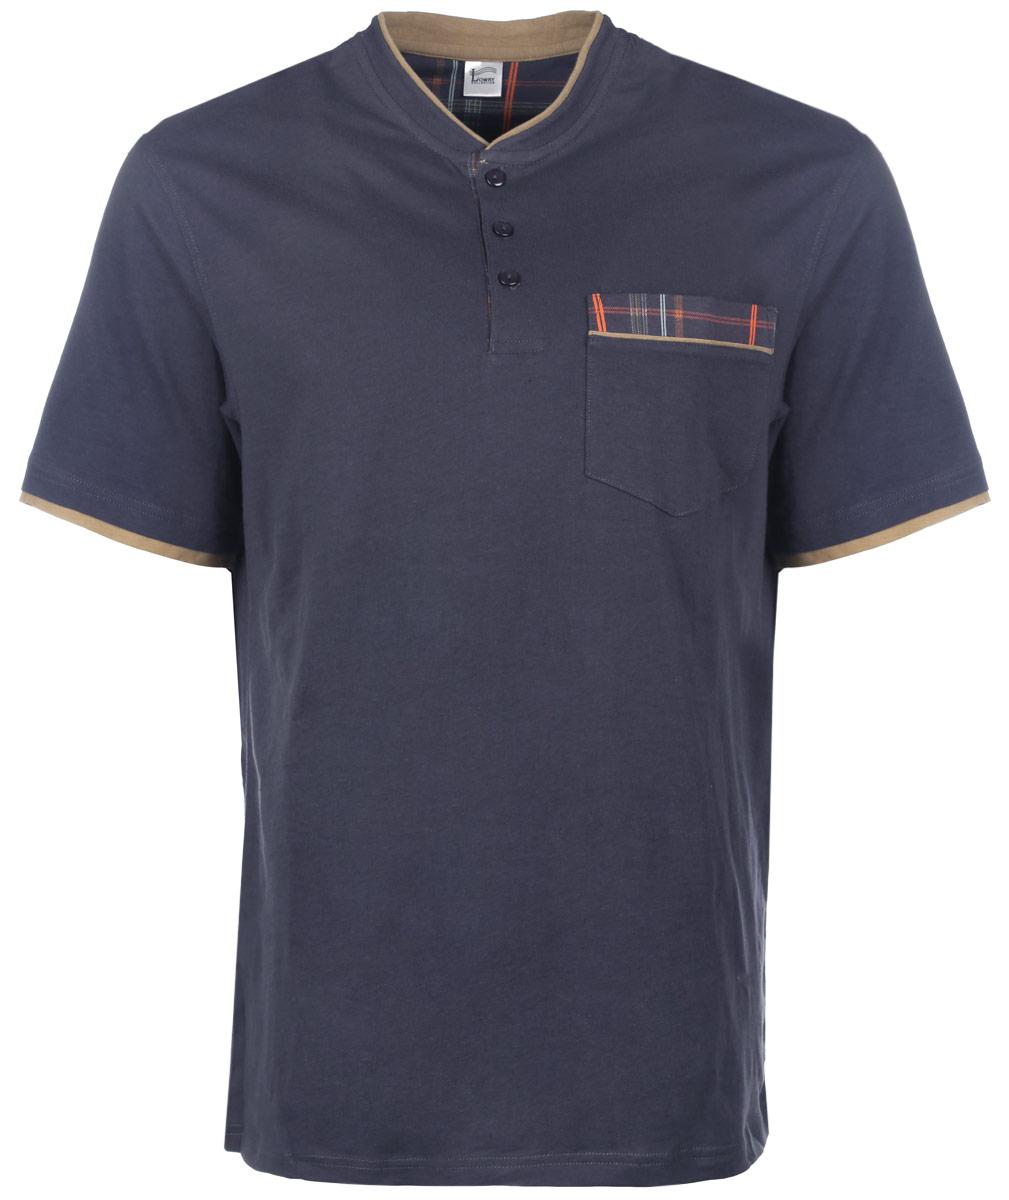 Футболка мужская Lowry, цвет: темно-синий. MF-66. Размер S (44)MF-66Отличная мужская футболка Lowry, выполненная из натурального хлопка, обладает высокой теплопроводностью, воздухопроницаемостью и гигроскопичностью, позволяет коже дышать. Модель прямого покроя с воротником-стойкой и короткими рукавами. Спереди футболка дополнена застежкой на три пуговицы. Горловина и низ рукавов дополнены контрастными вставками. Спереди изделие дополнено небольшим накладным карманом. Такая футболка подарит вам комфорт в течение всего дня.